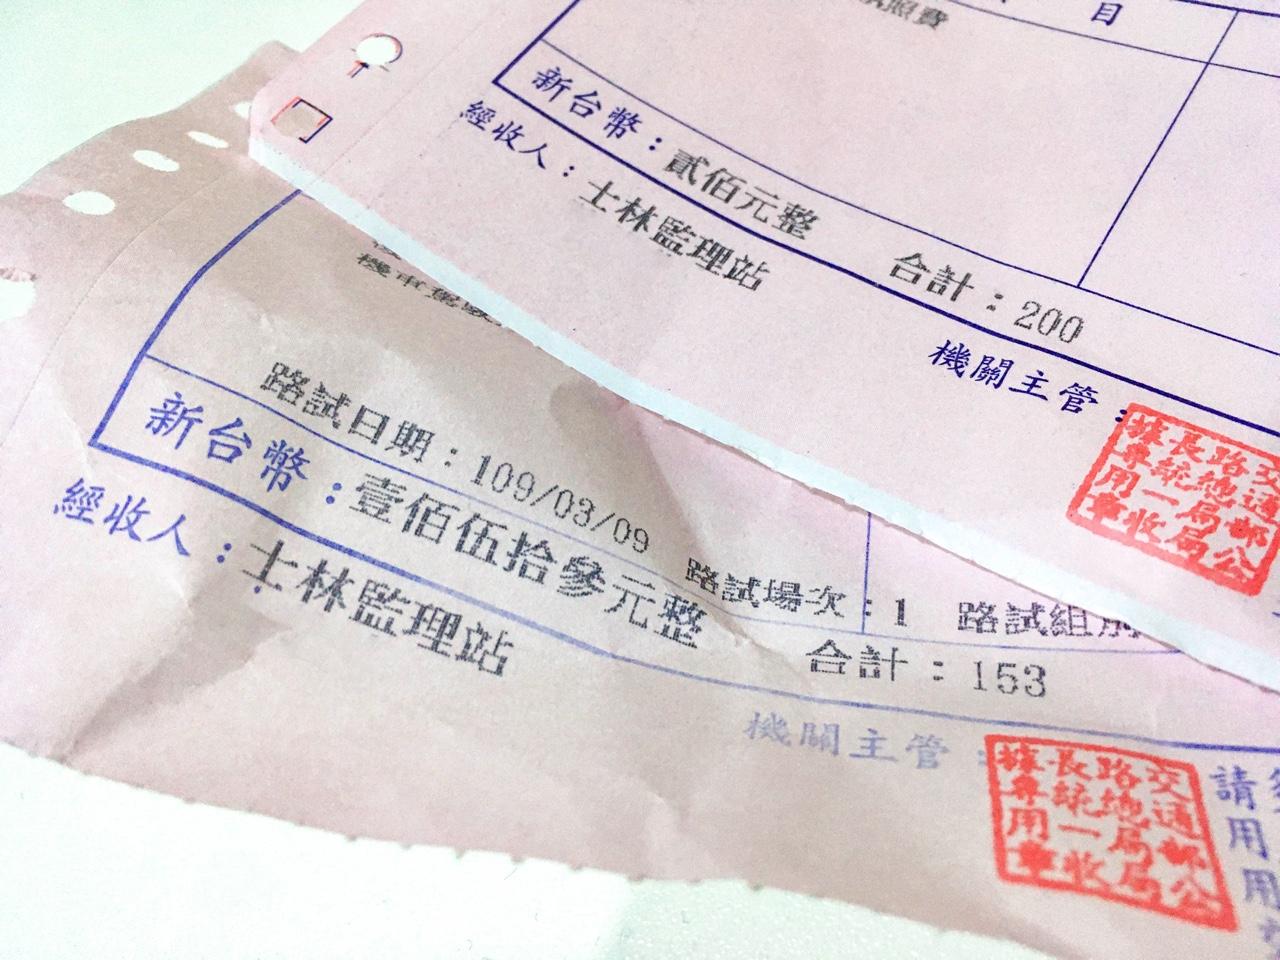 バイクの運転免許試験費用の領収書